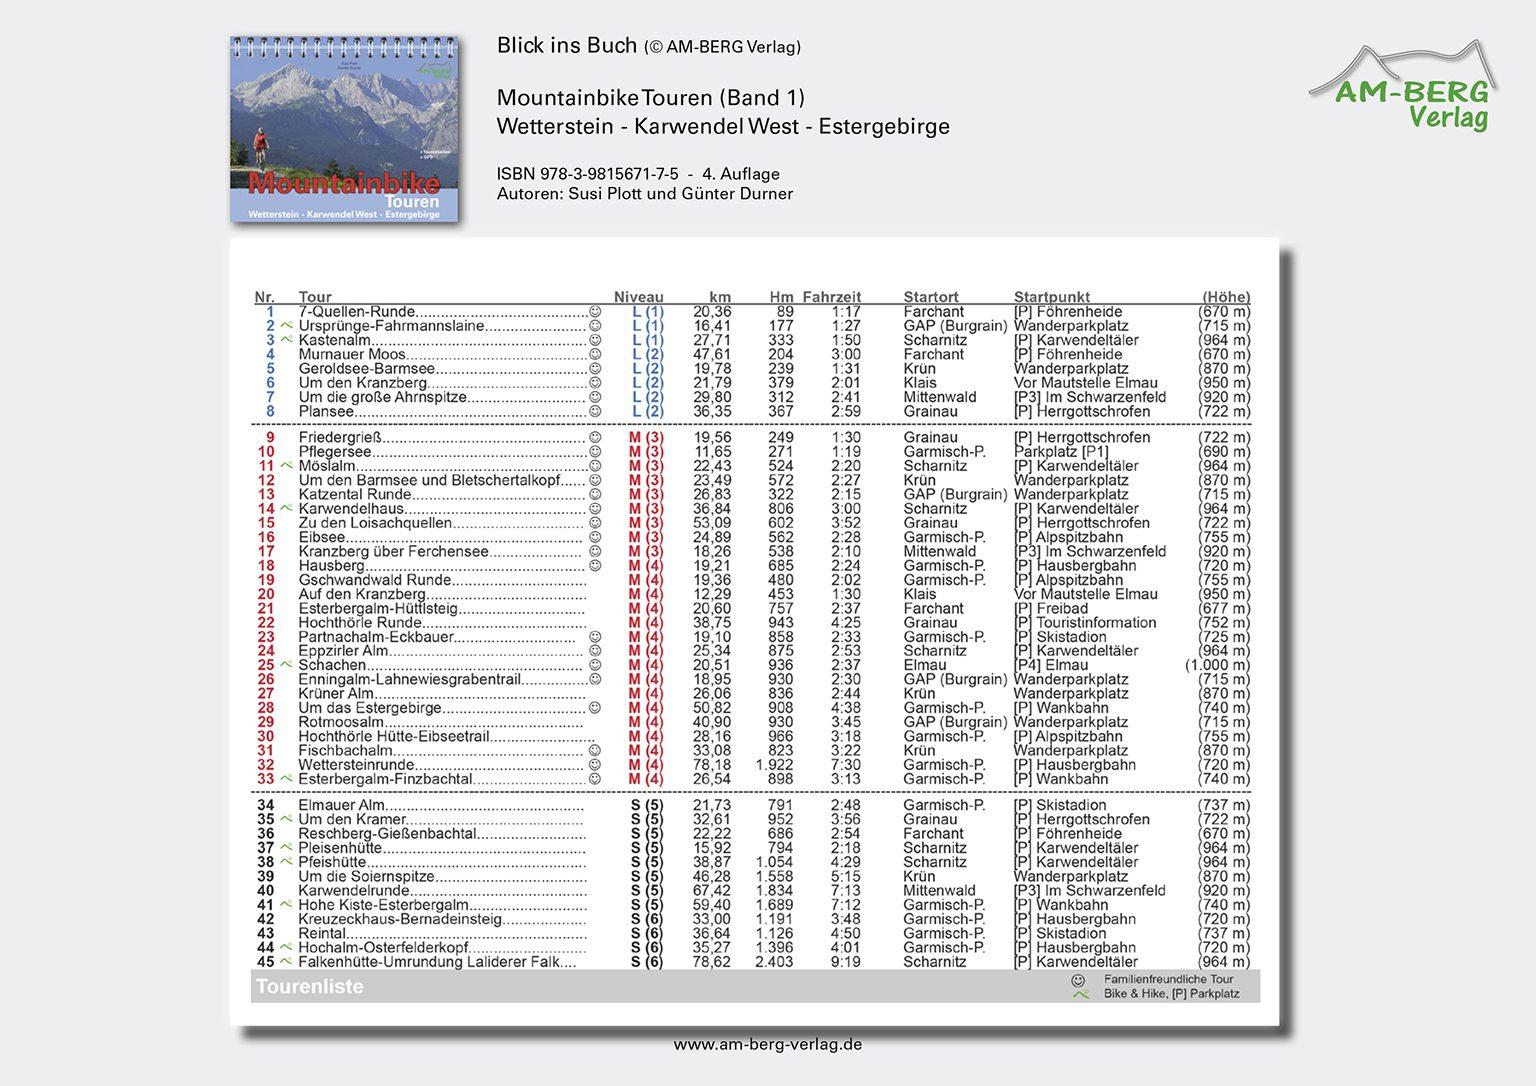 Mountainbike Touren Wetterstein-Karwendel-West-Estergebirge_band1_BlickinsBuch03